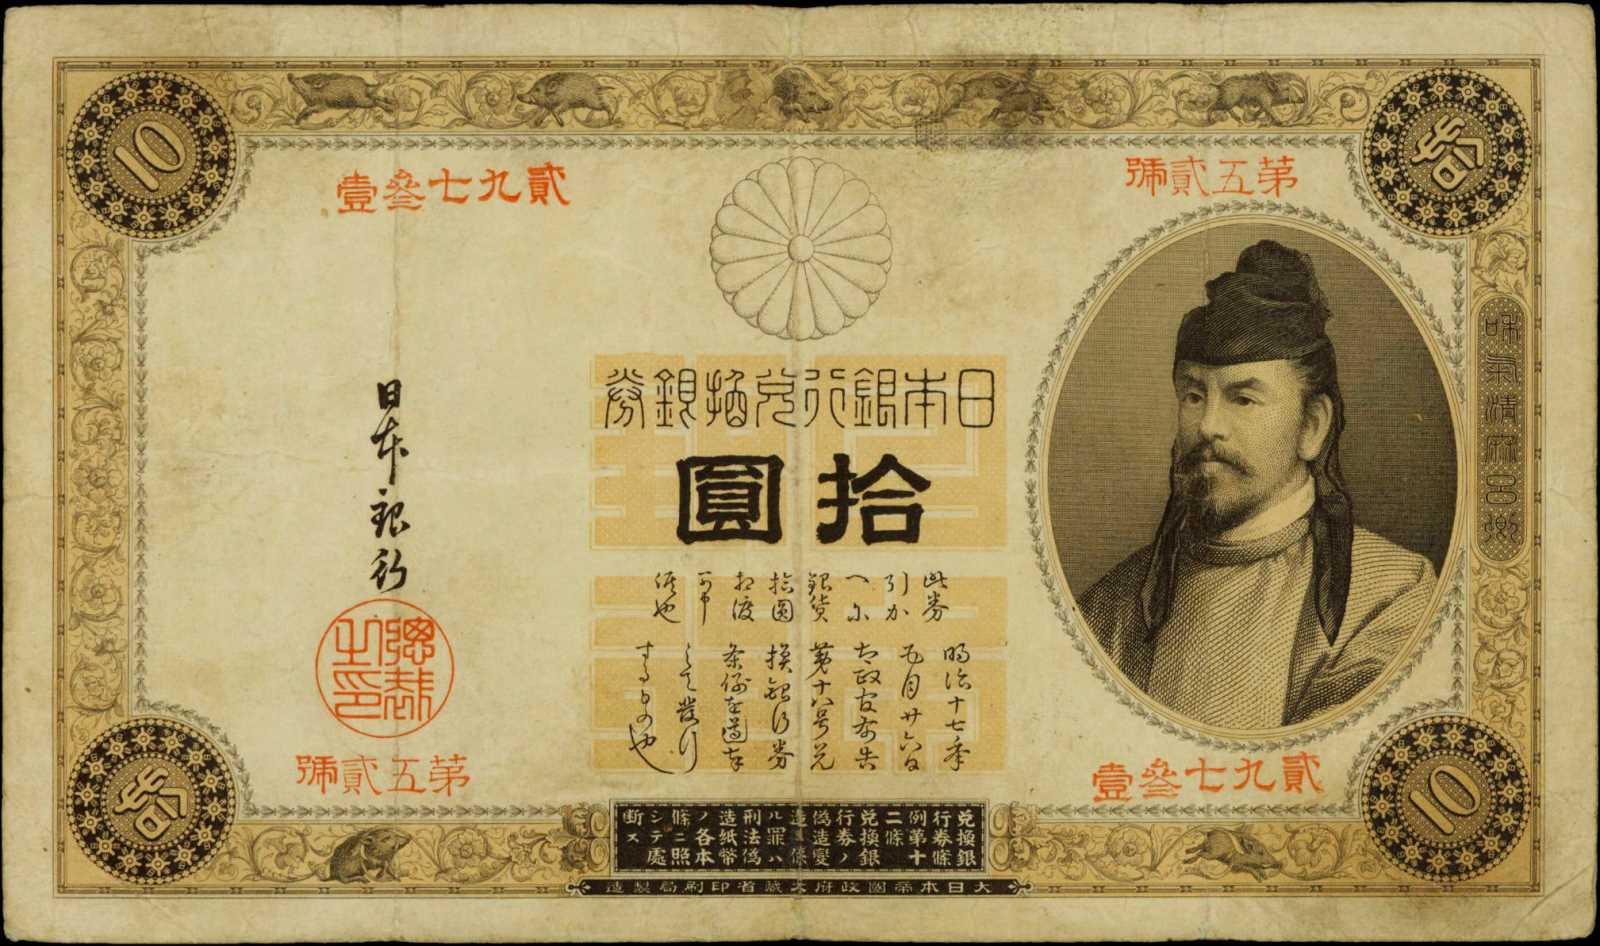 Валюта японии - йена. деньги купюры